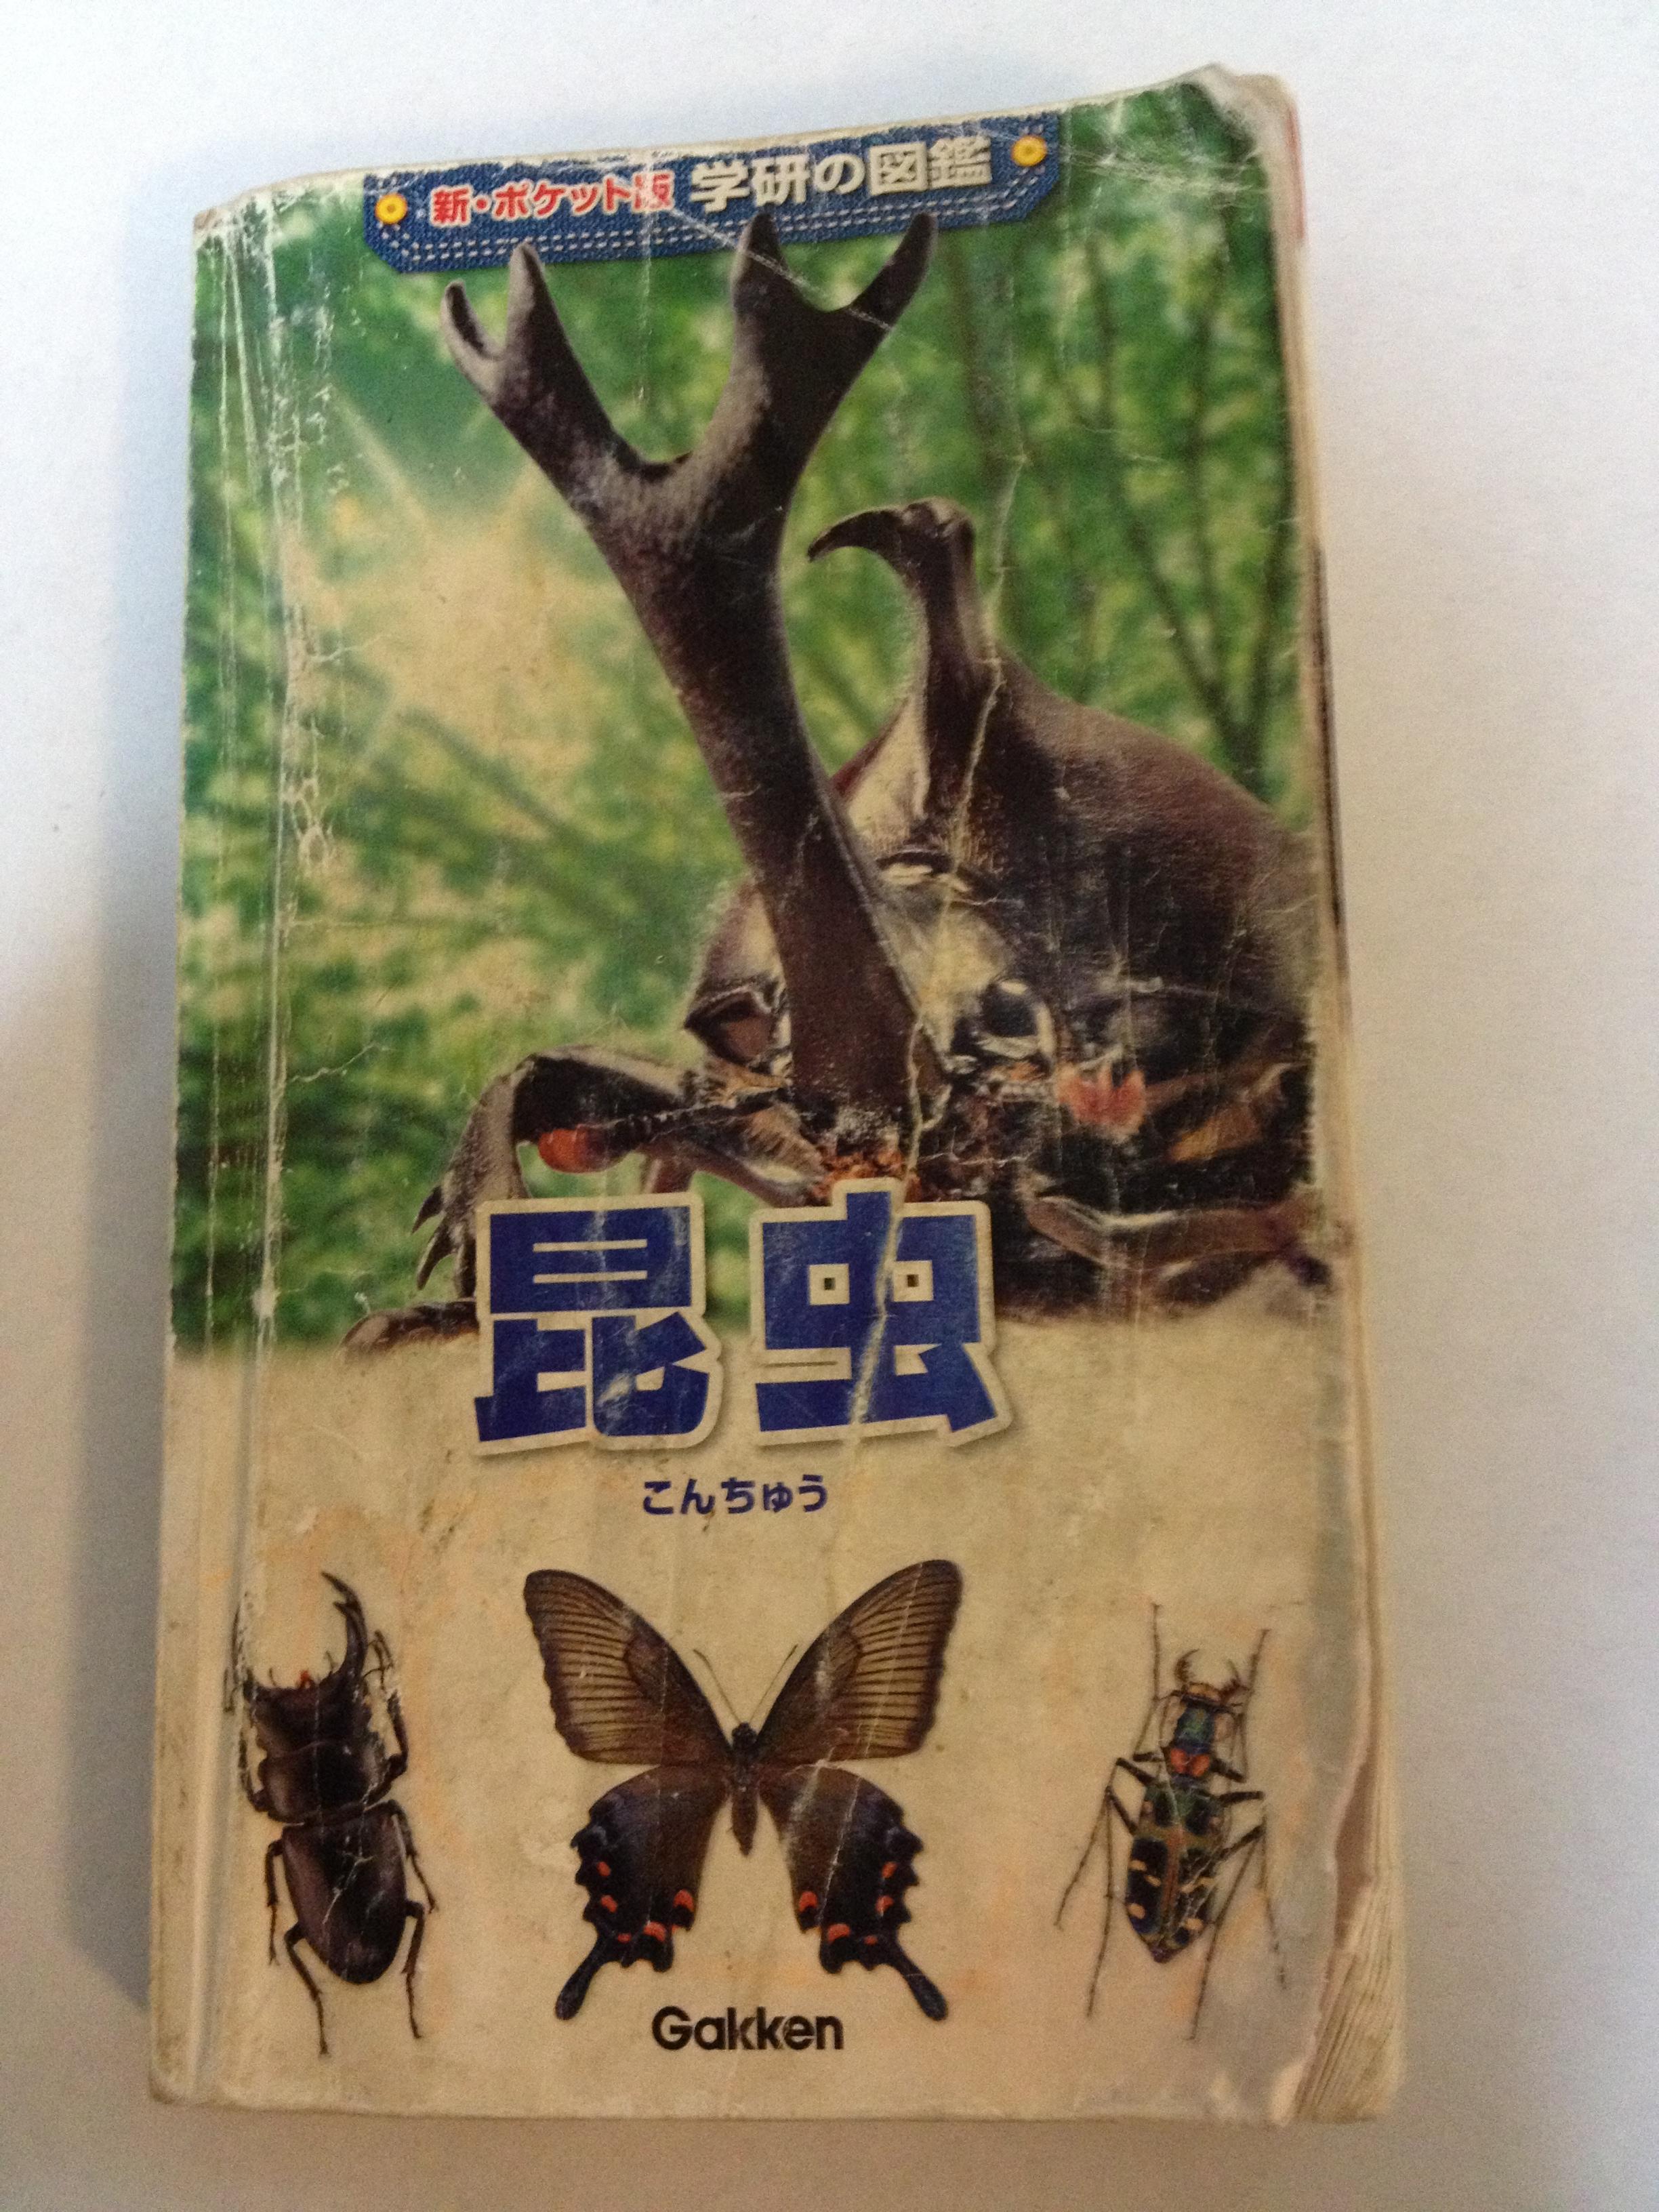 おすすめ 昆虫 図鑑 【厳選】大人も楽しい!オススメの「昆虫図鑑」5冊